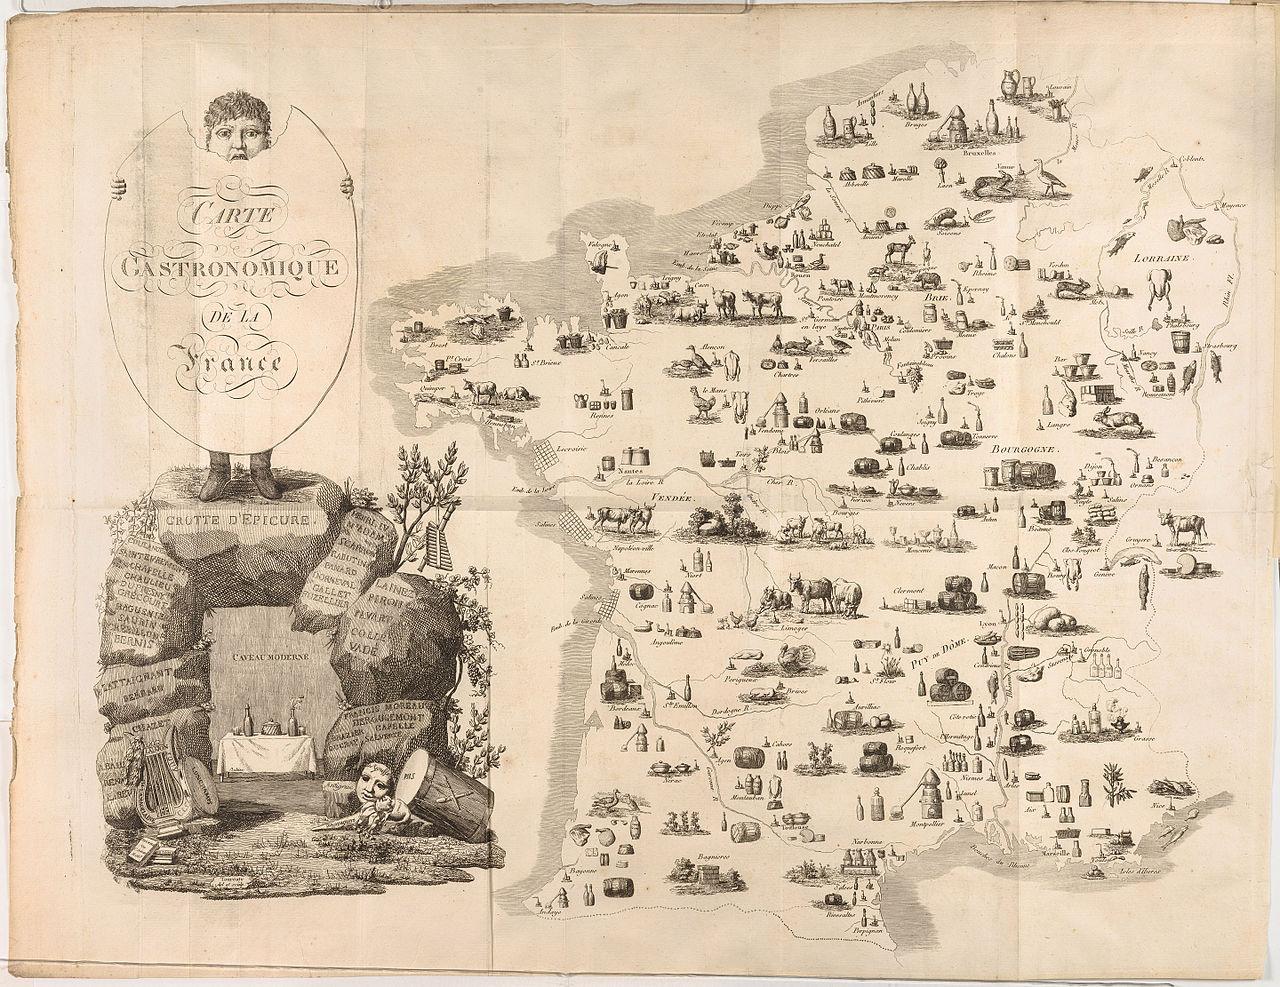 File:Jean François Tourcaty, Carte Gastronomique de la France, 1809 Cornell CUL PJM 1033 01.jpg ...